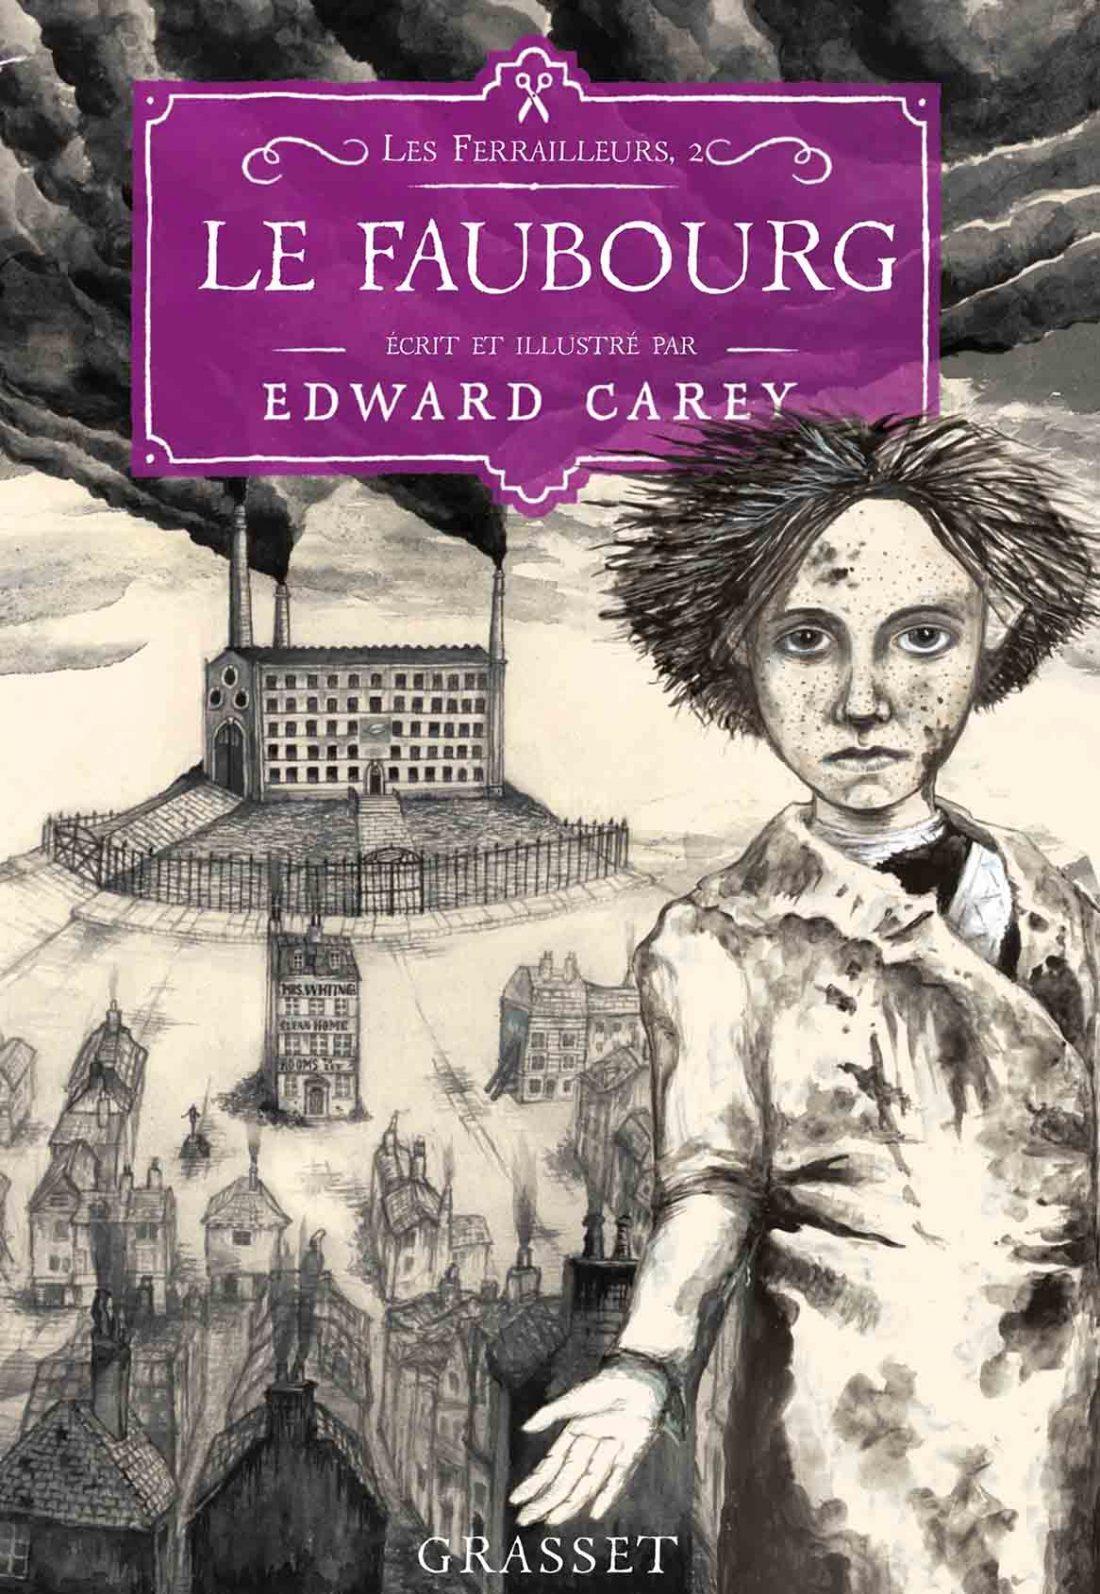 Edward Carey, Les Ferailleurs tome 2